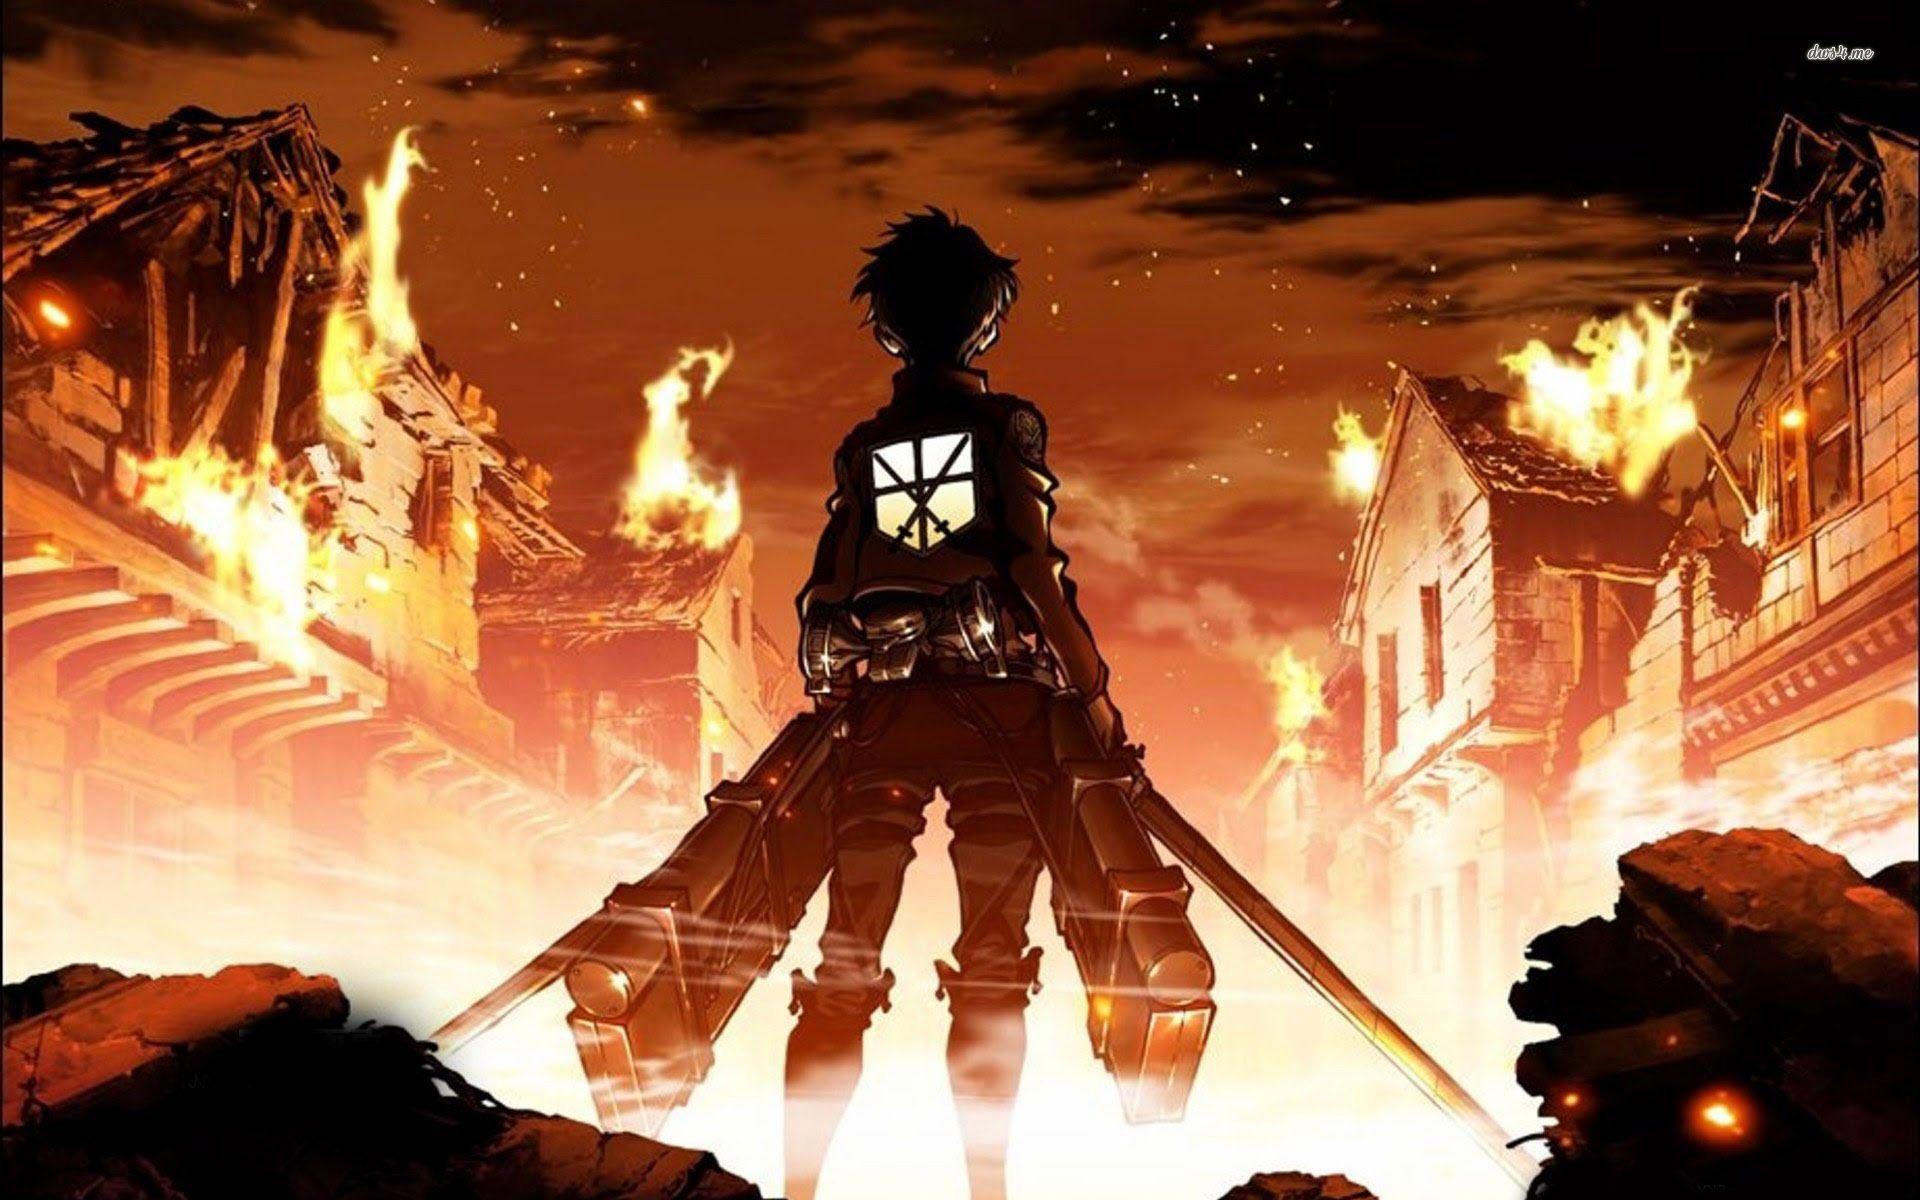 Attack On Titan Wallpaper Attack On Titan Season Attack On Titan Anime Attack On Titan Eren